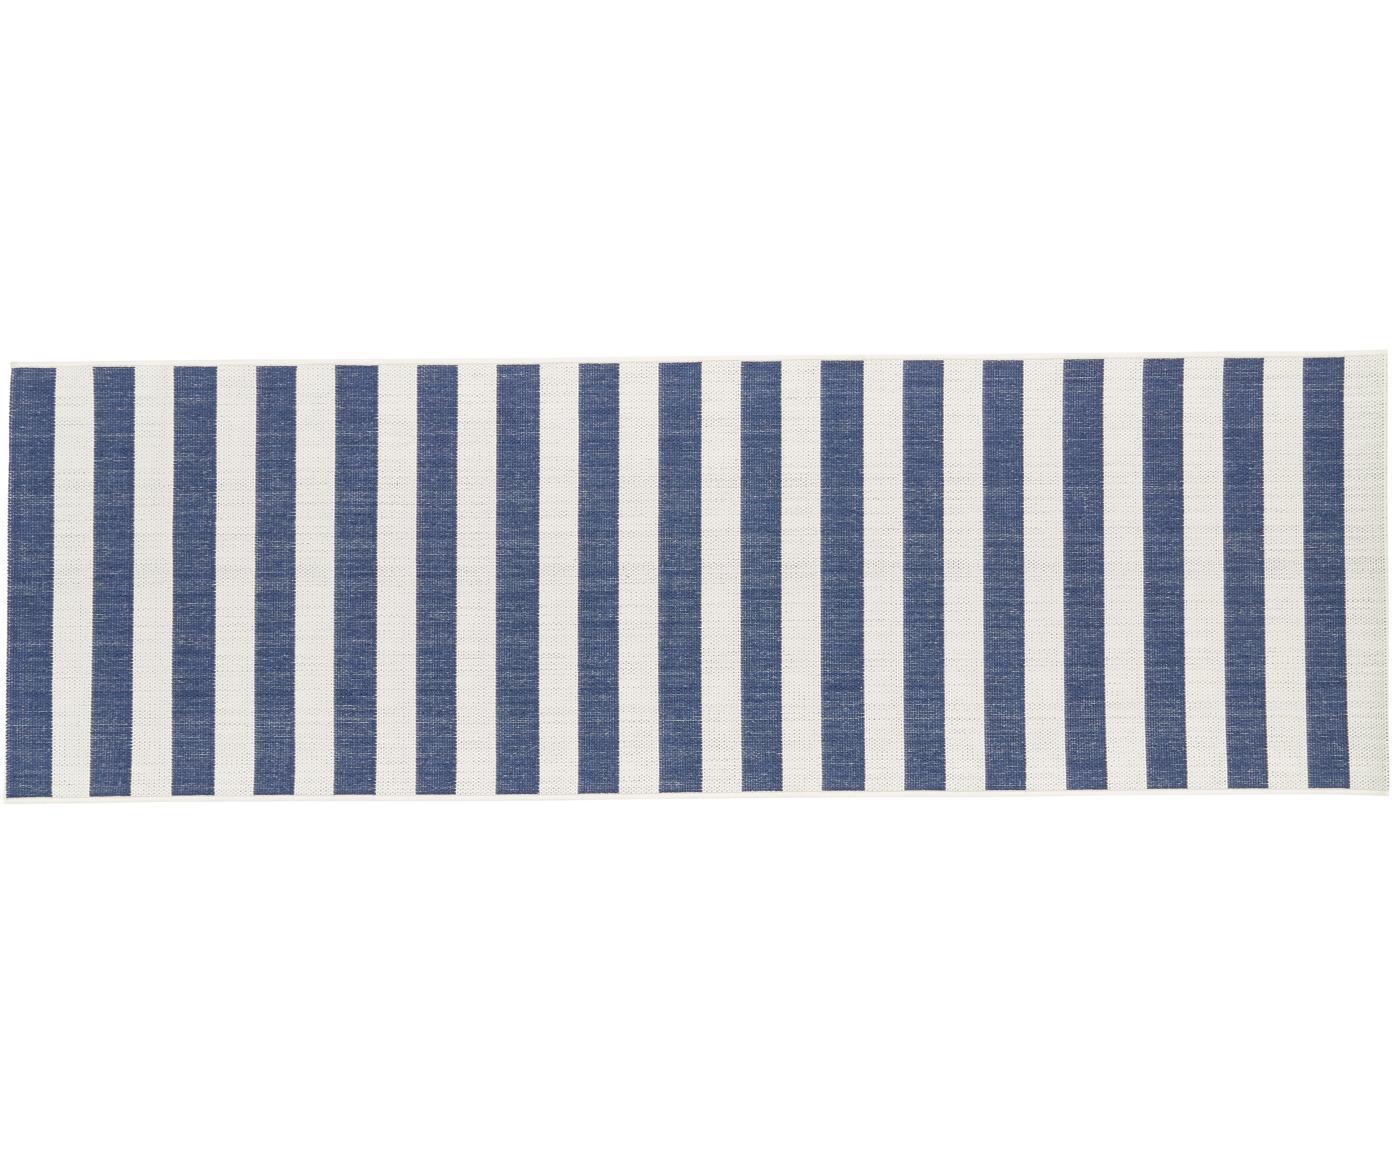 Passatoia da interno-esterno a righe Axa, Retro: poliestere, Bianco crema, blu, Larg. 80 x Lung. 250 cm